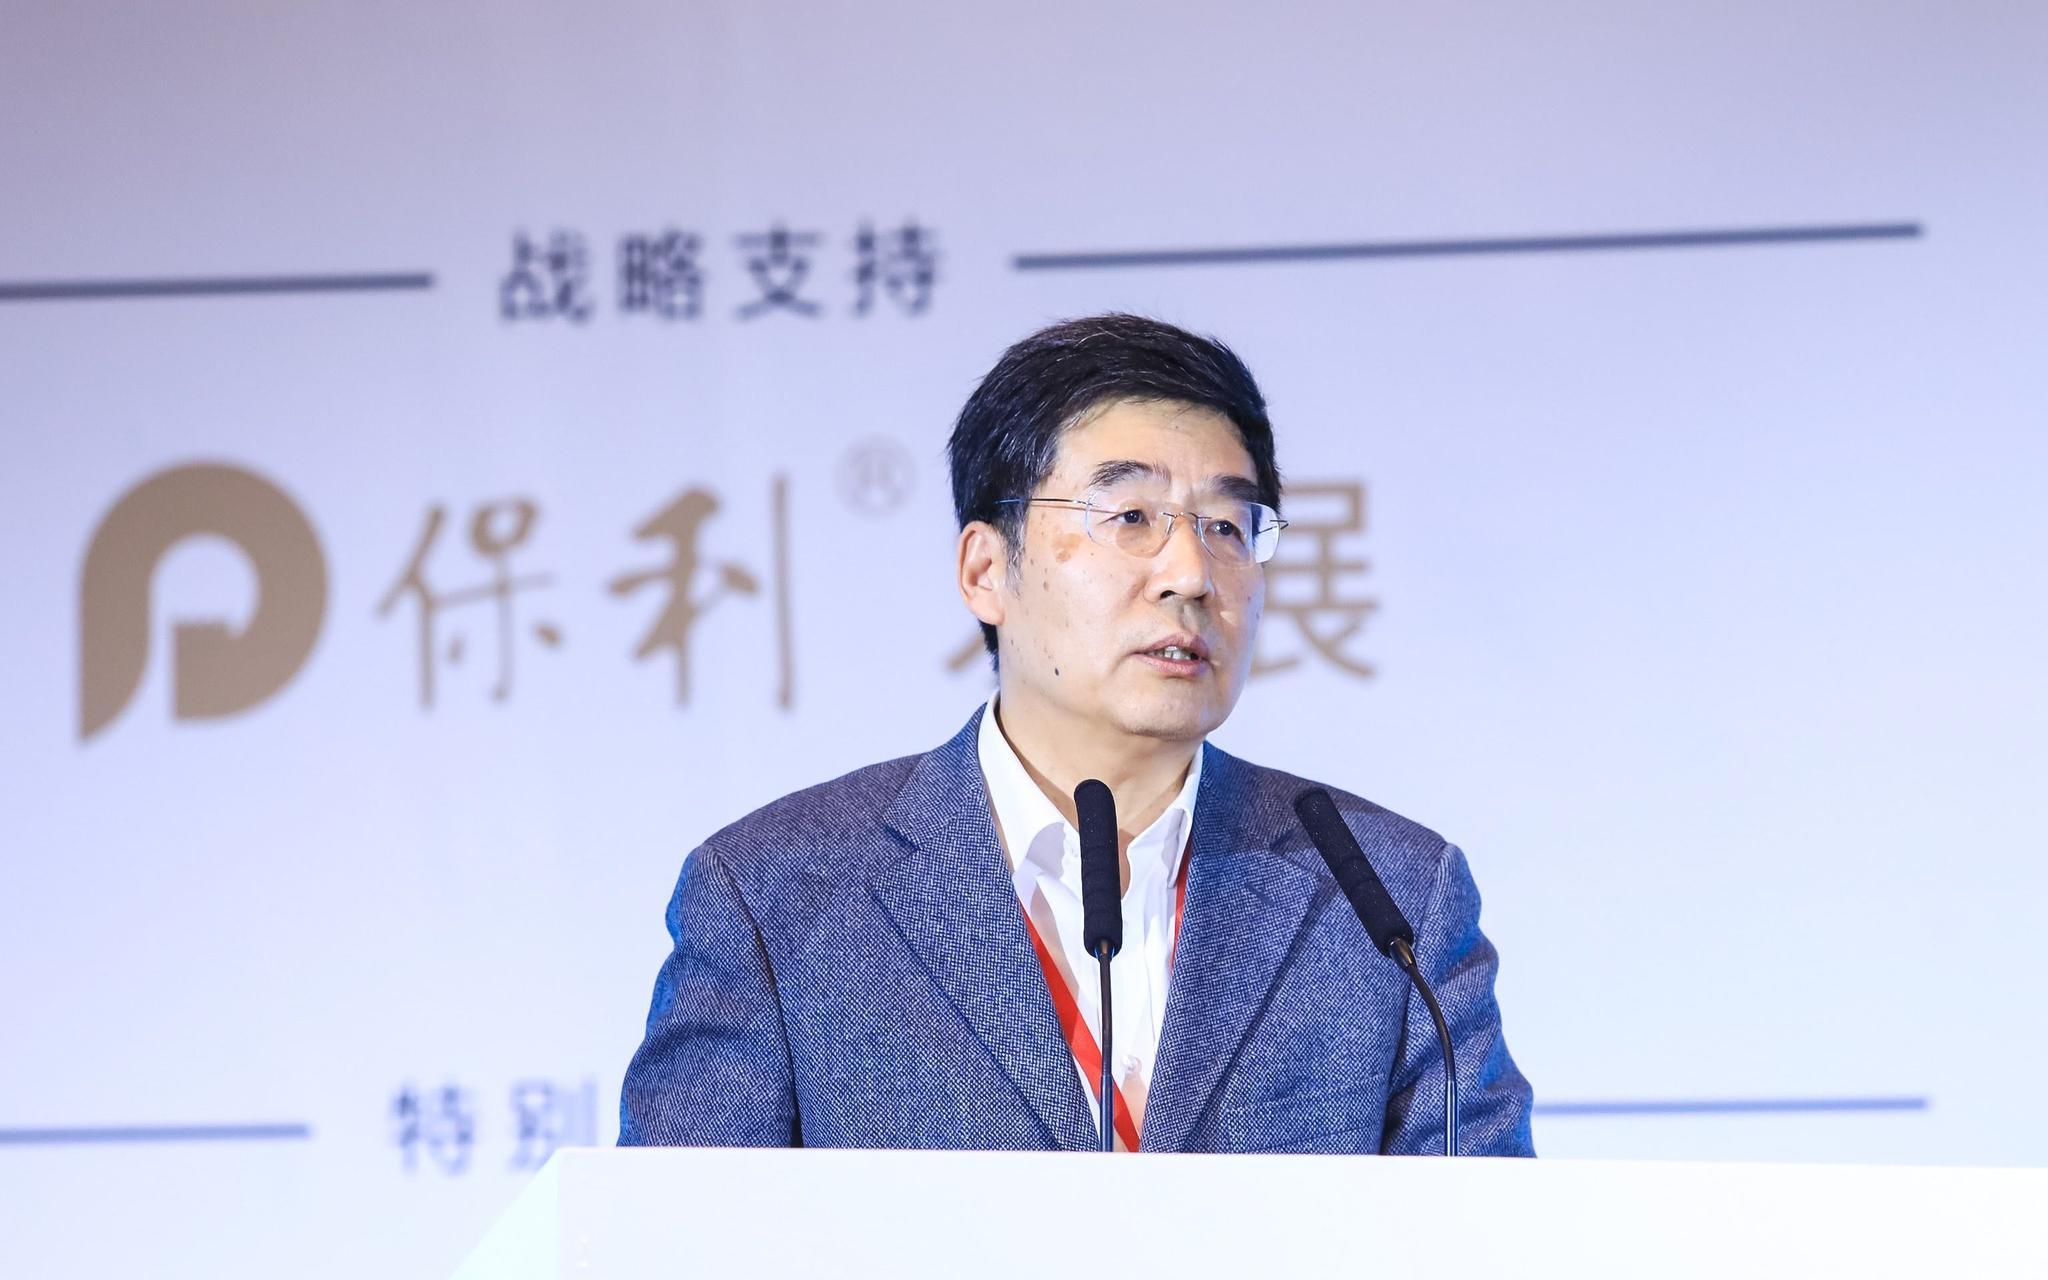 ?张军扩:中国经济高速增长潜力